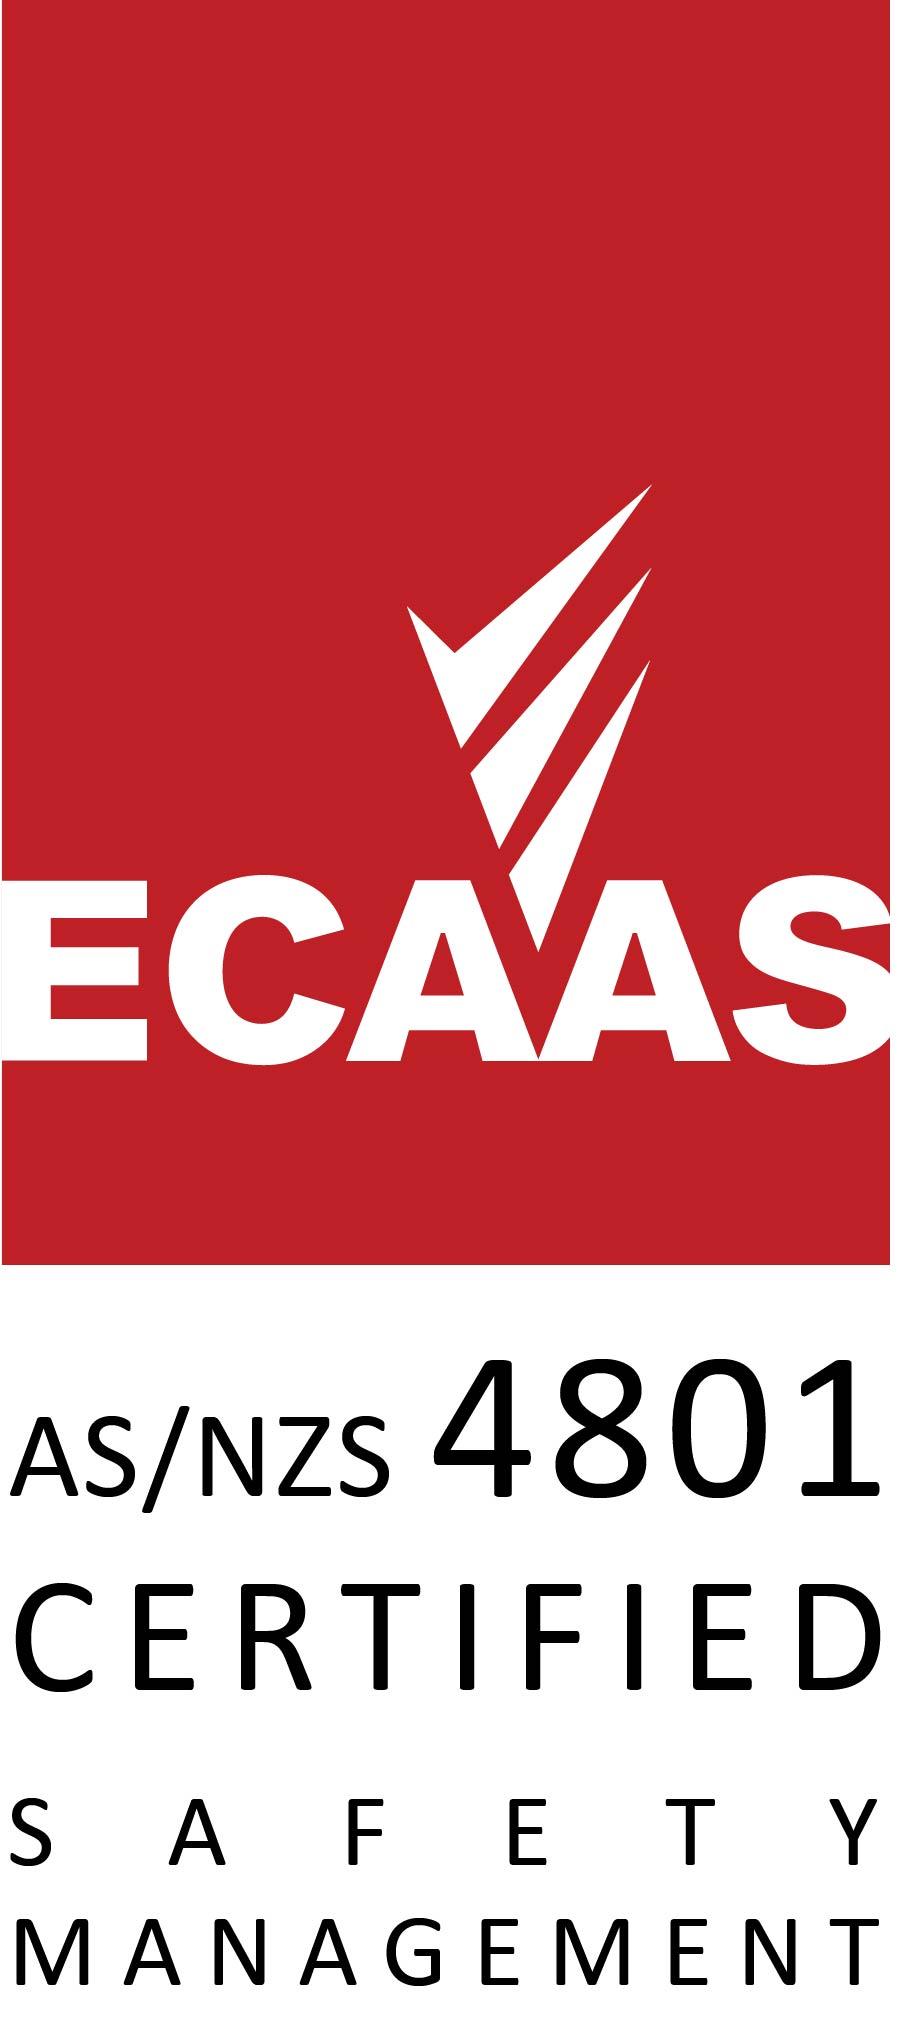 ECAAS Certification Mark - 4801 v3 Colour RPG 300ppi.jpg